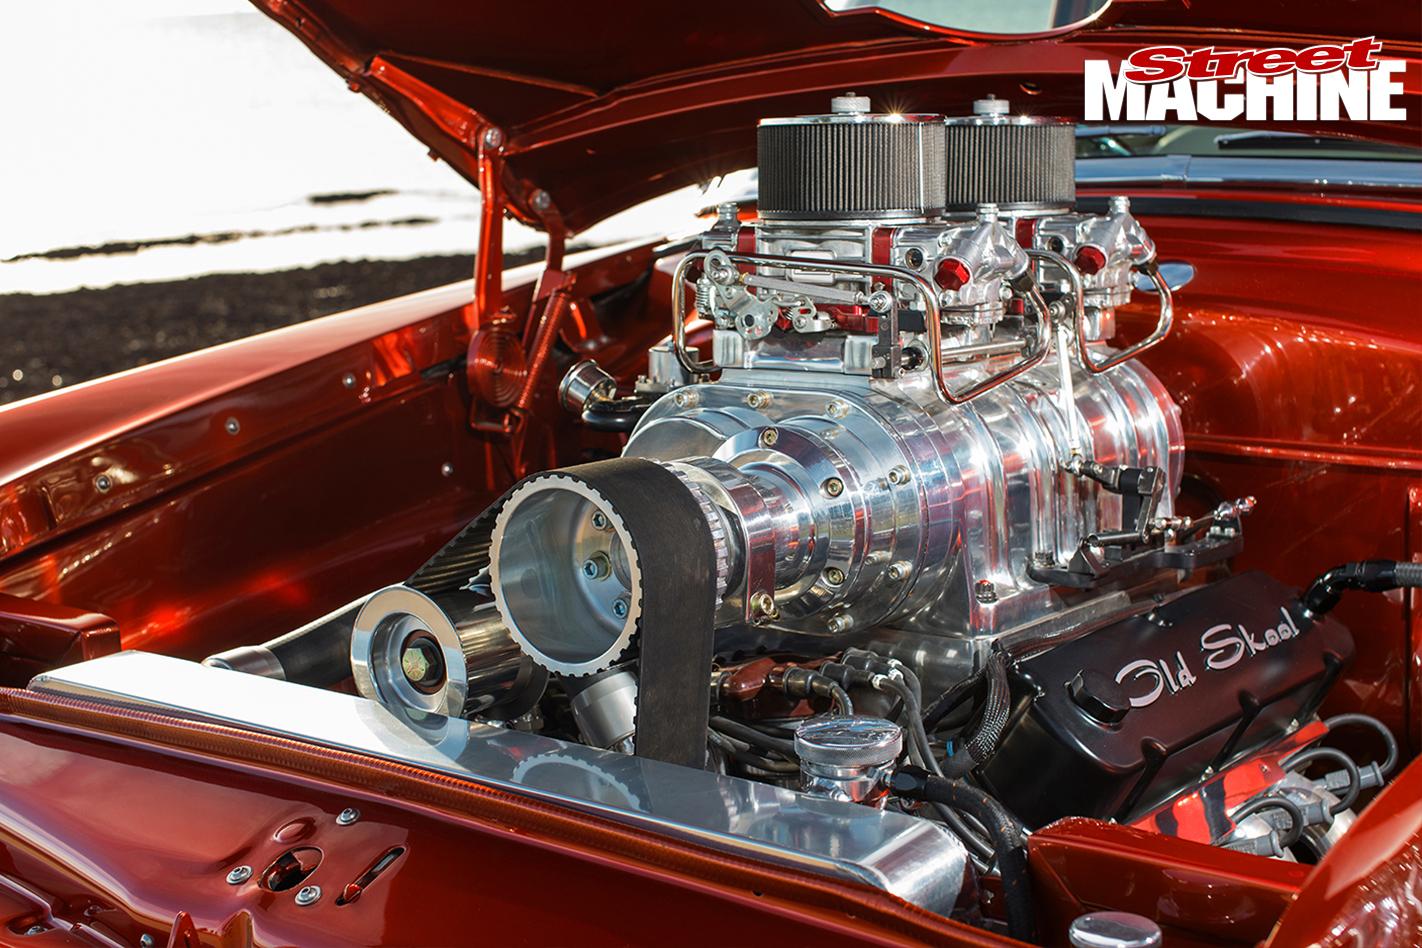 Ford -mainline -ute -old -skool -engine -detail